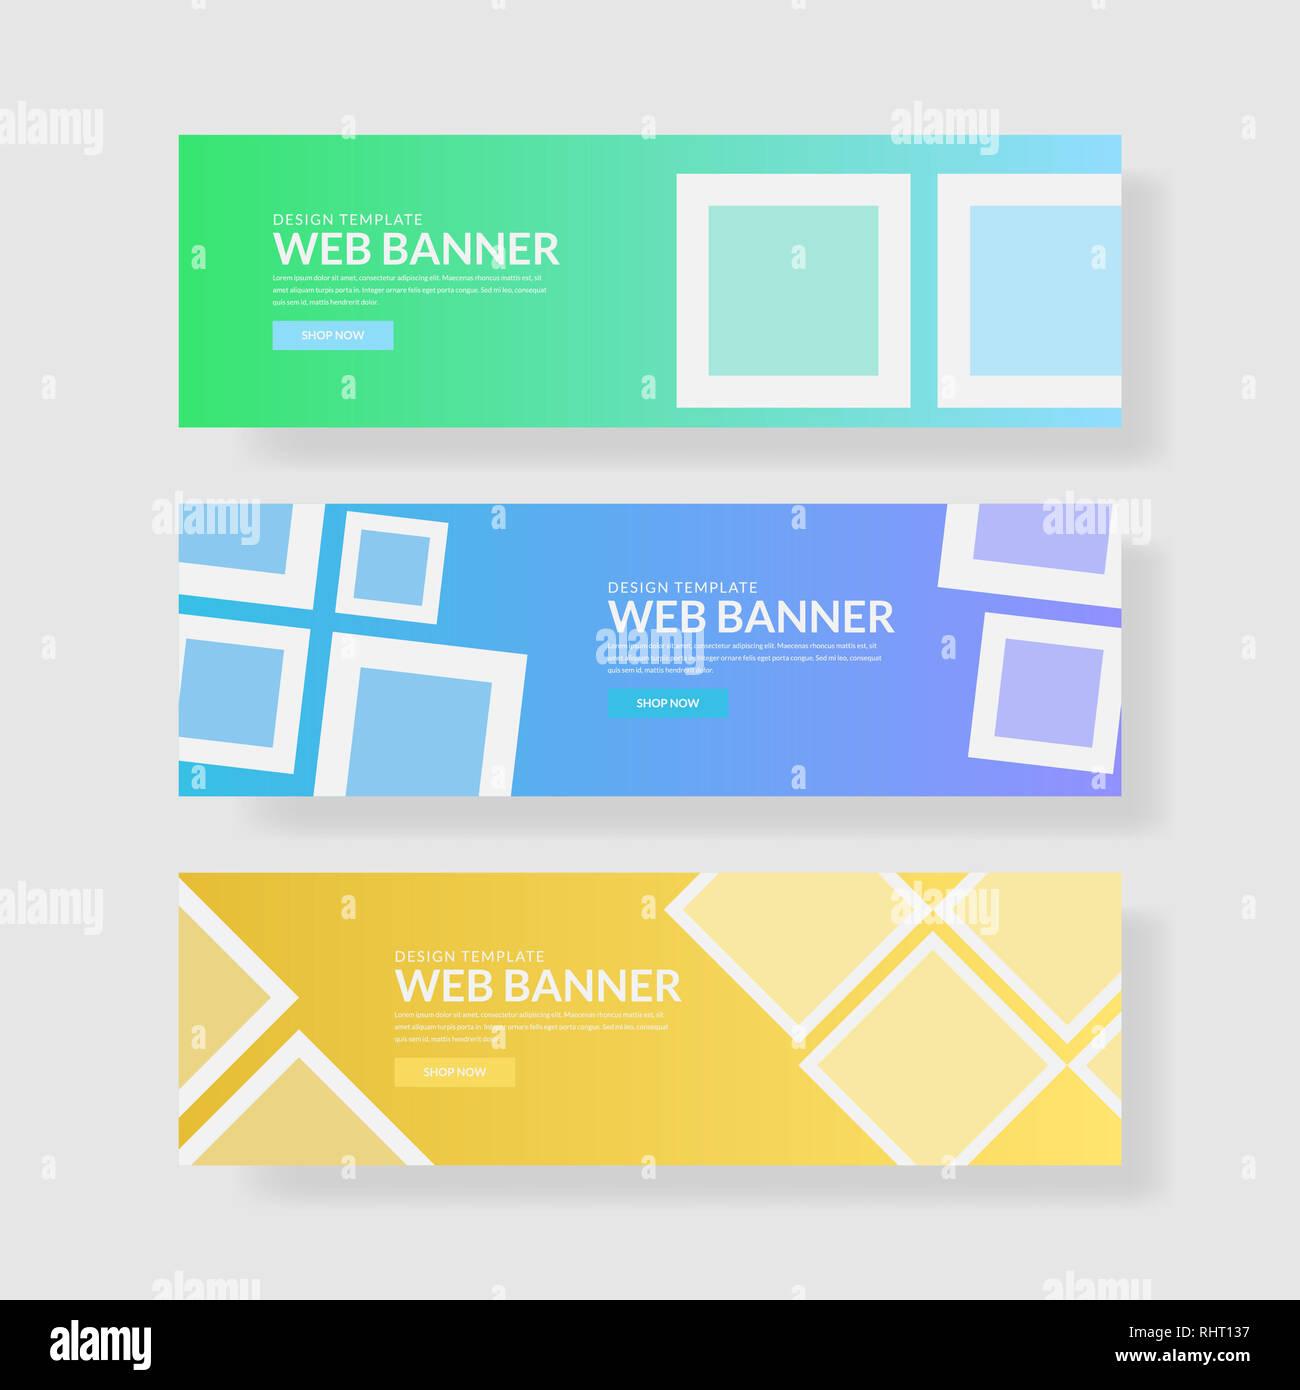 Website banner ui ux - Stock Image